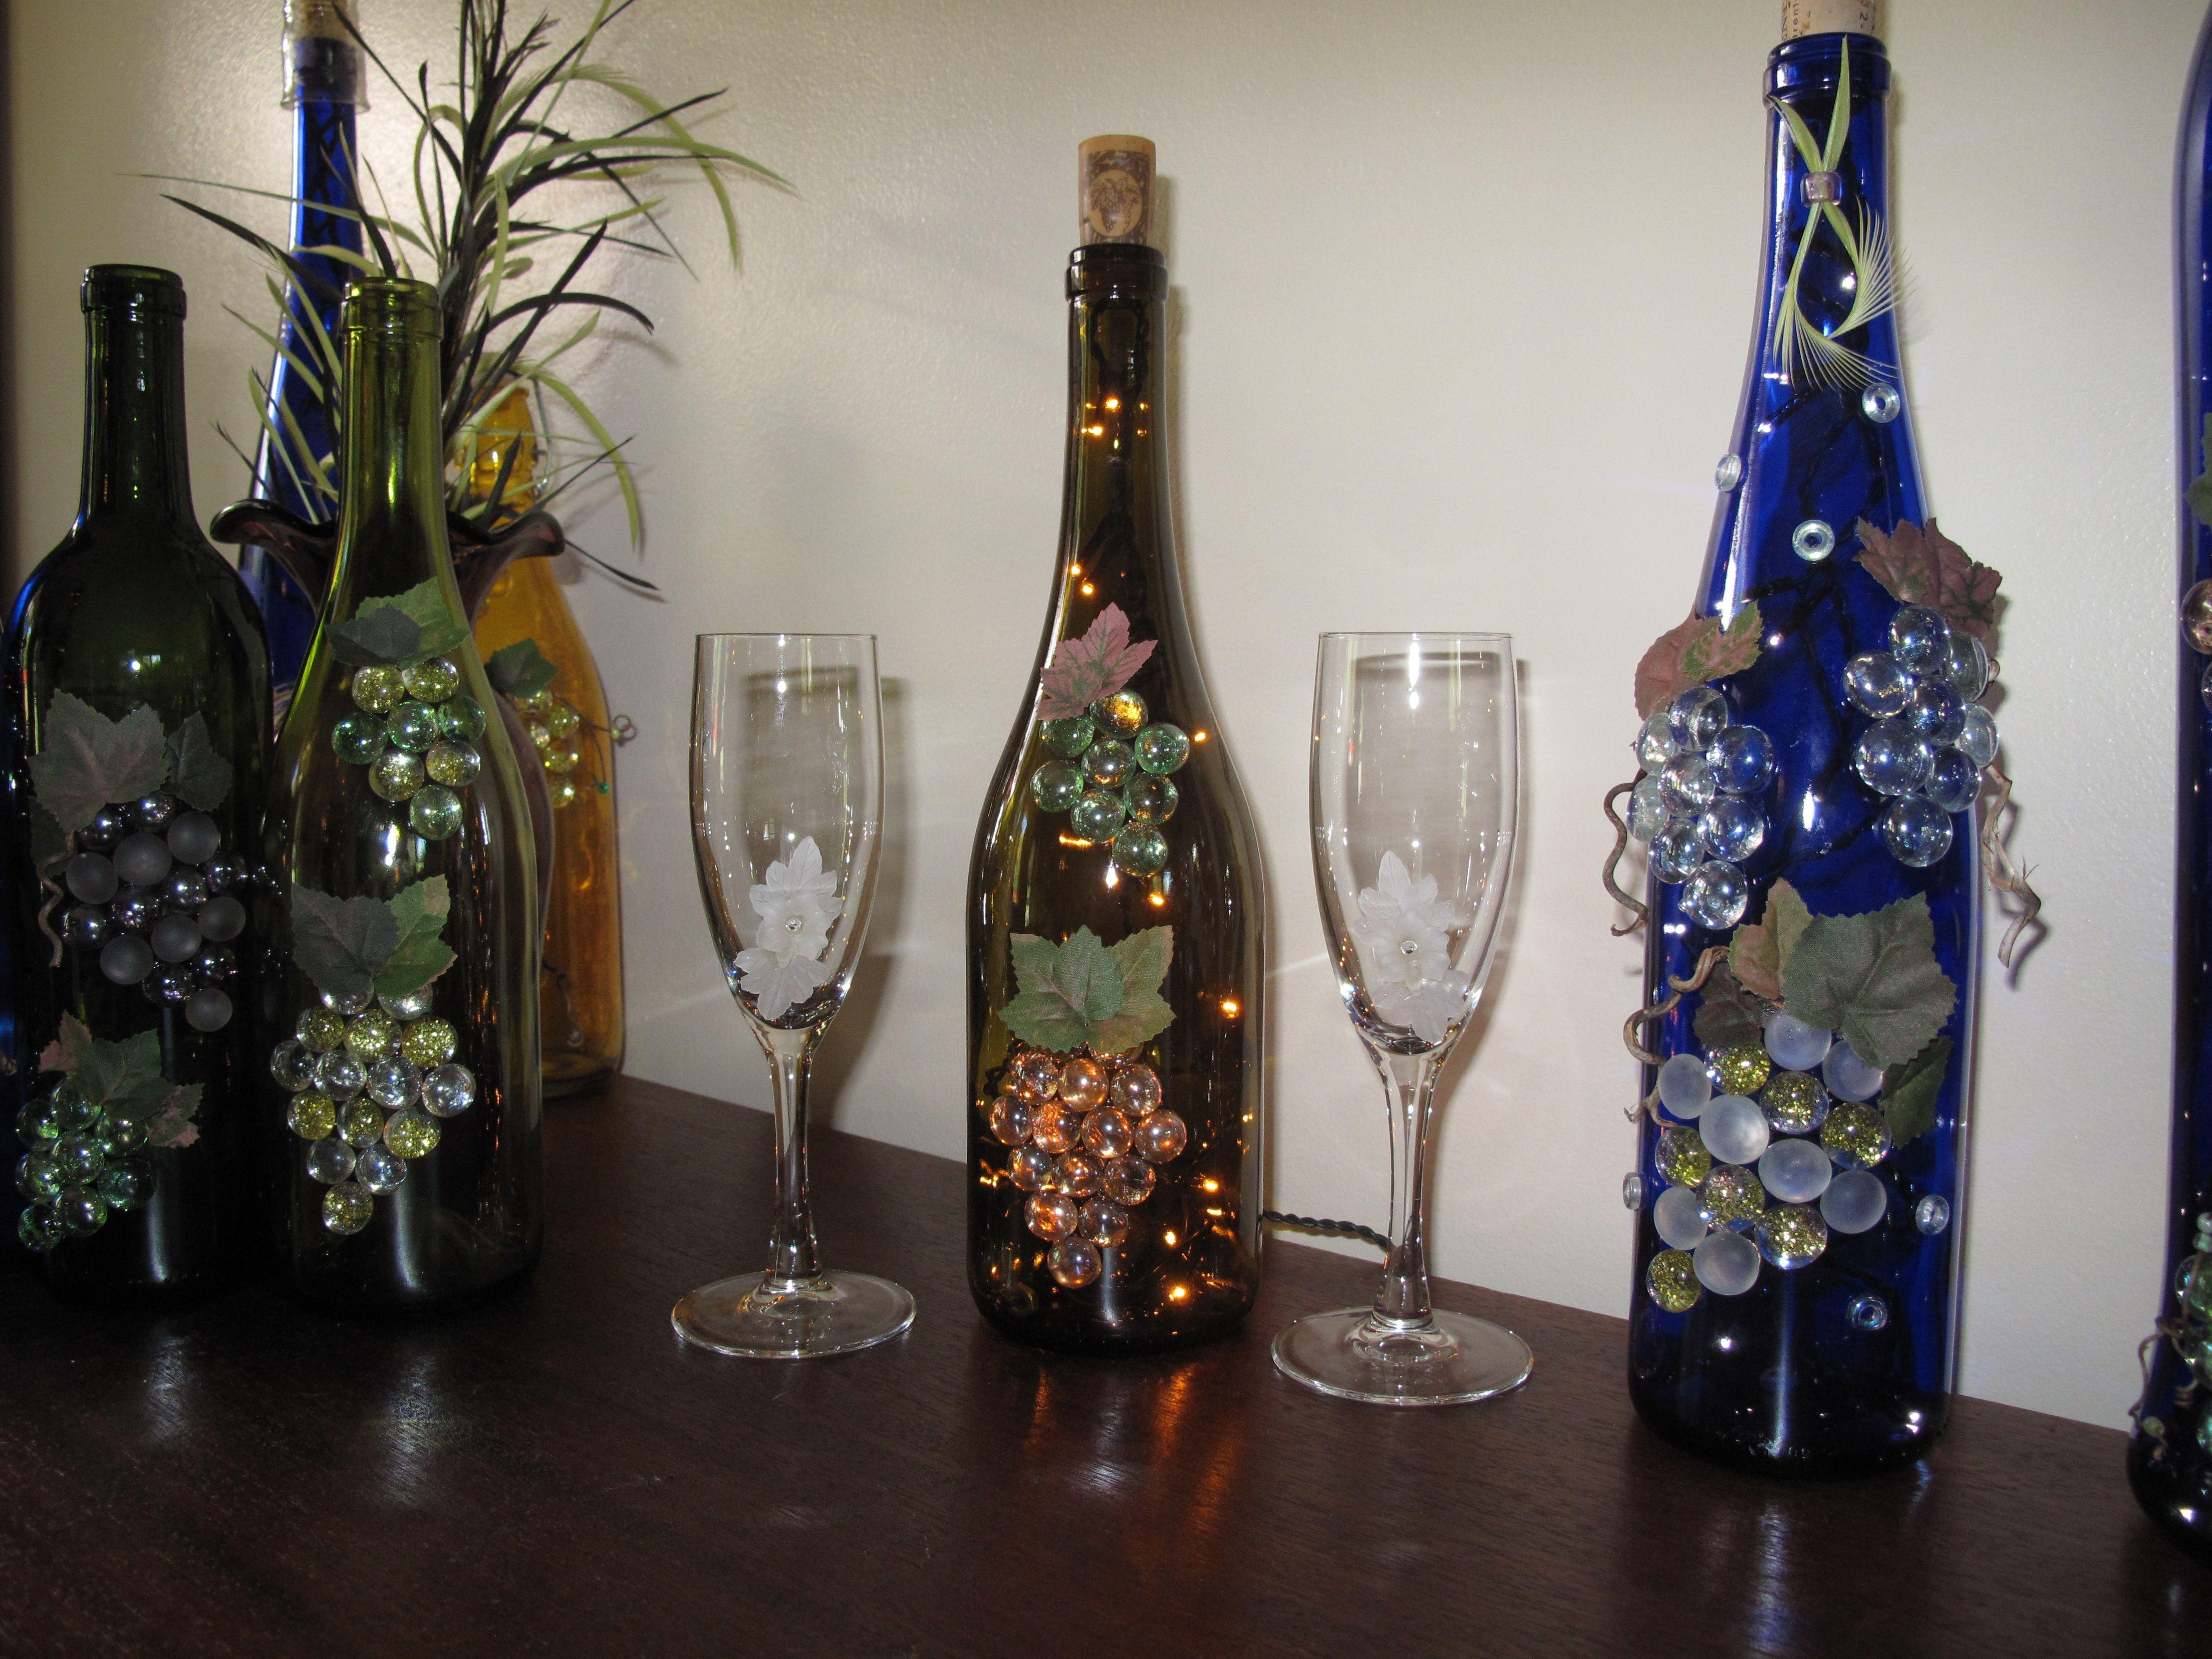 Lighted wine bottles wine bottles diaper cakes for Lighted wine bottle craft